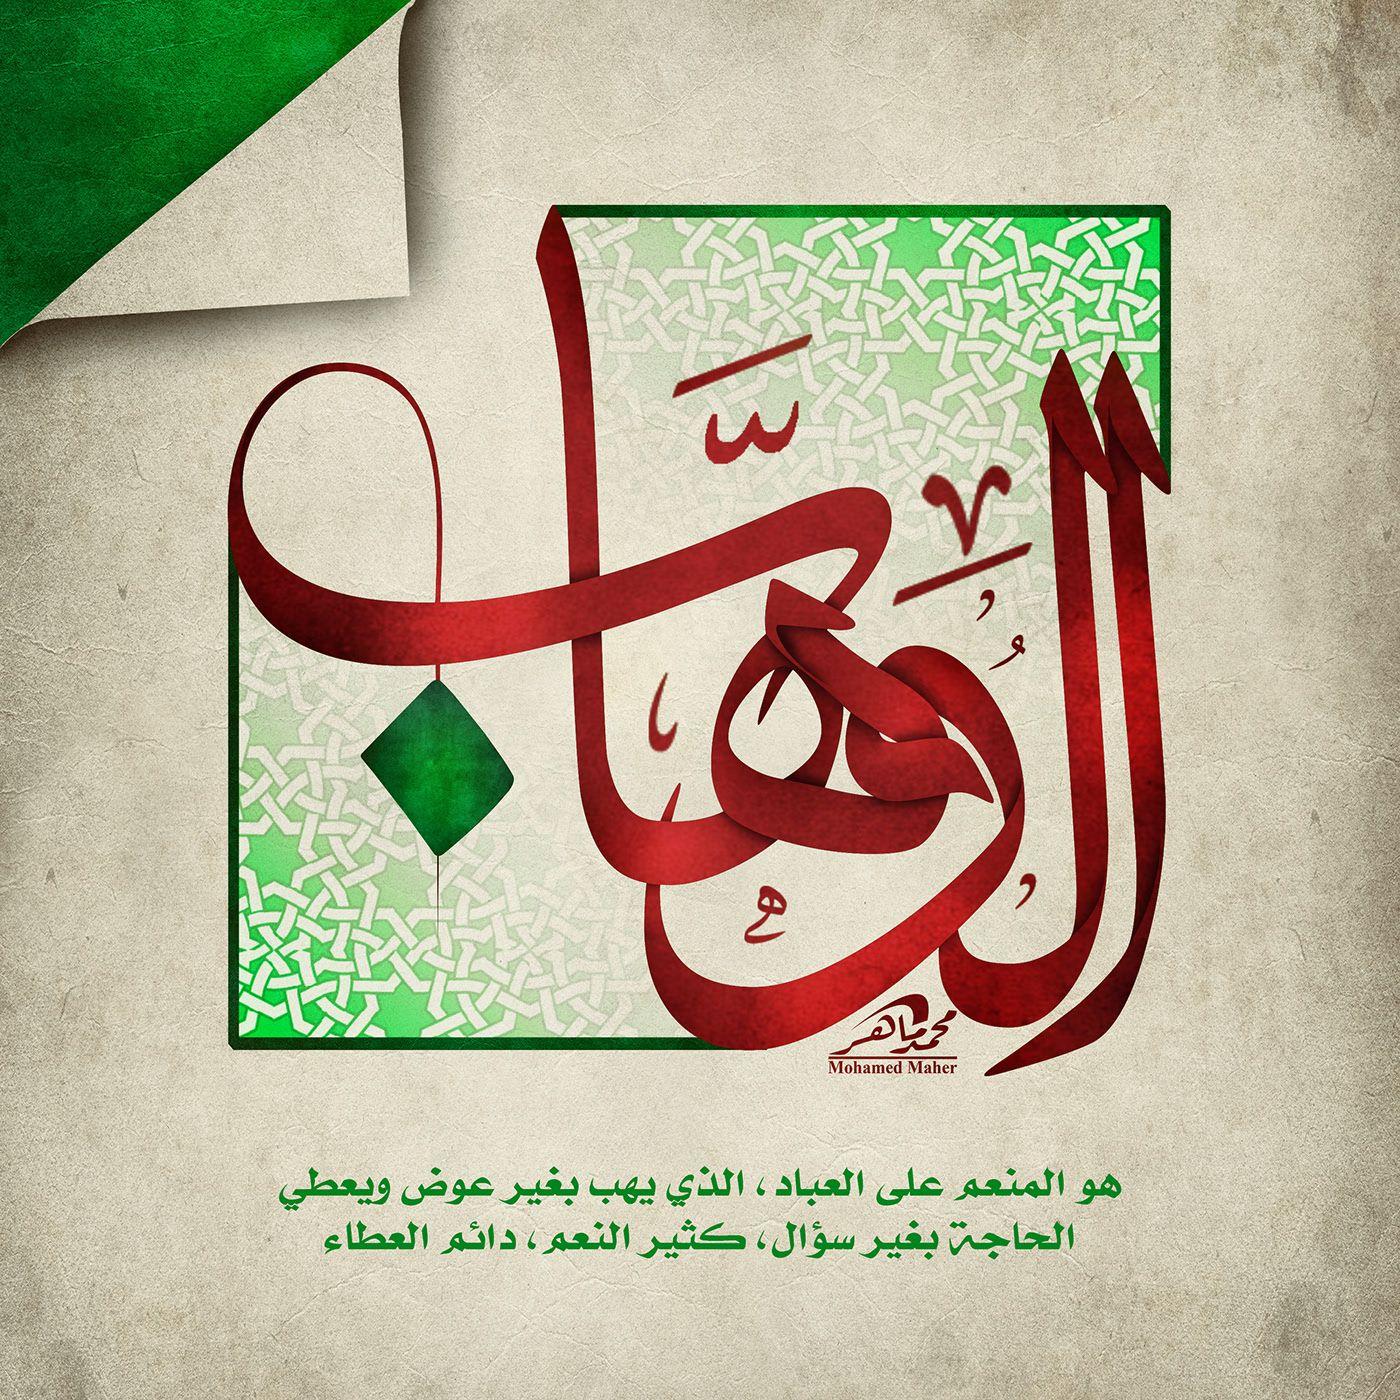 اسماء الله الحسنى مشروع متجدد On Behance Caligraphy Ramadan Arabic Calligraphy